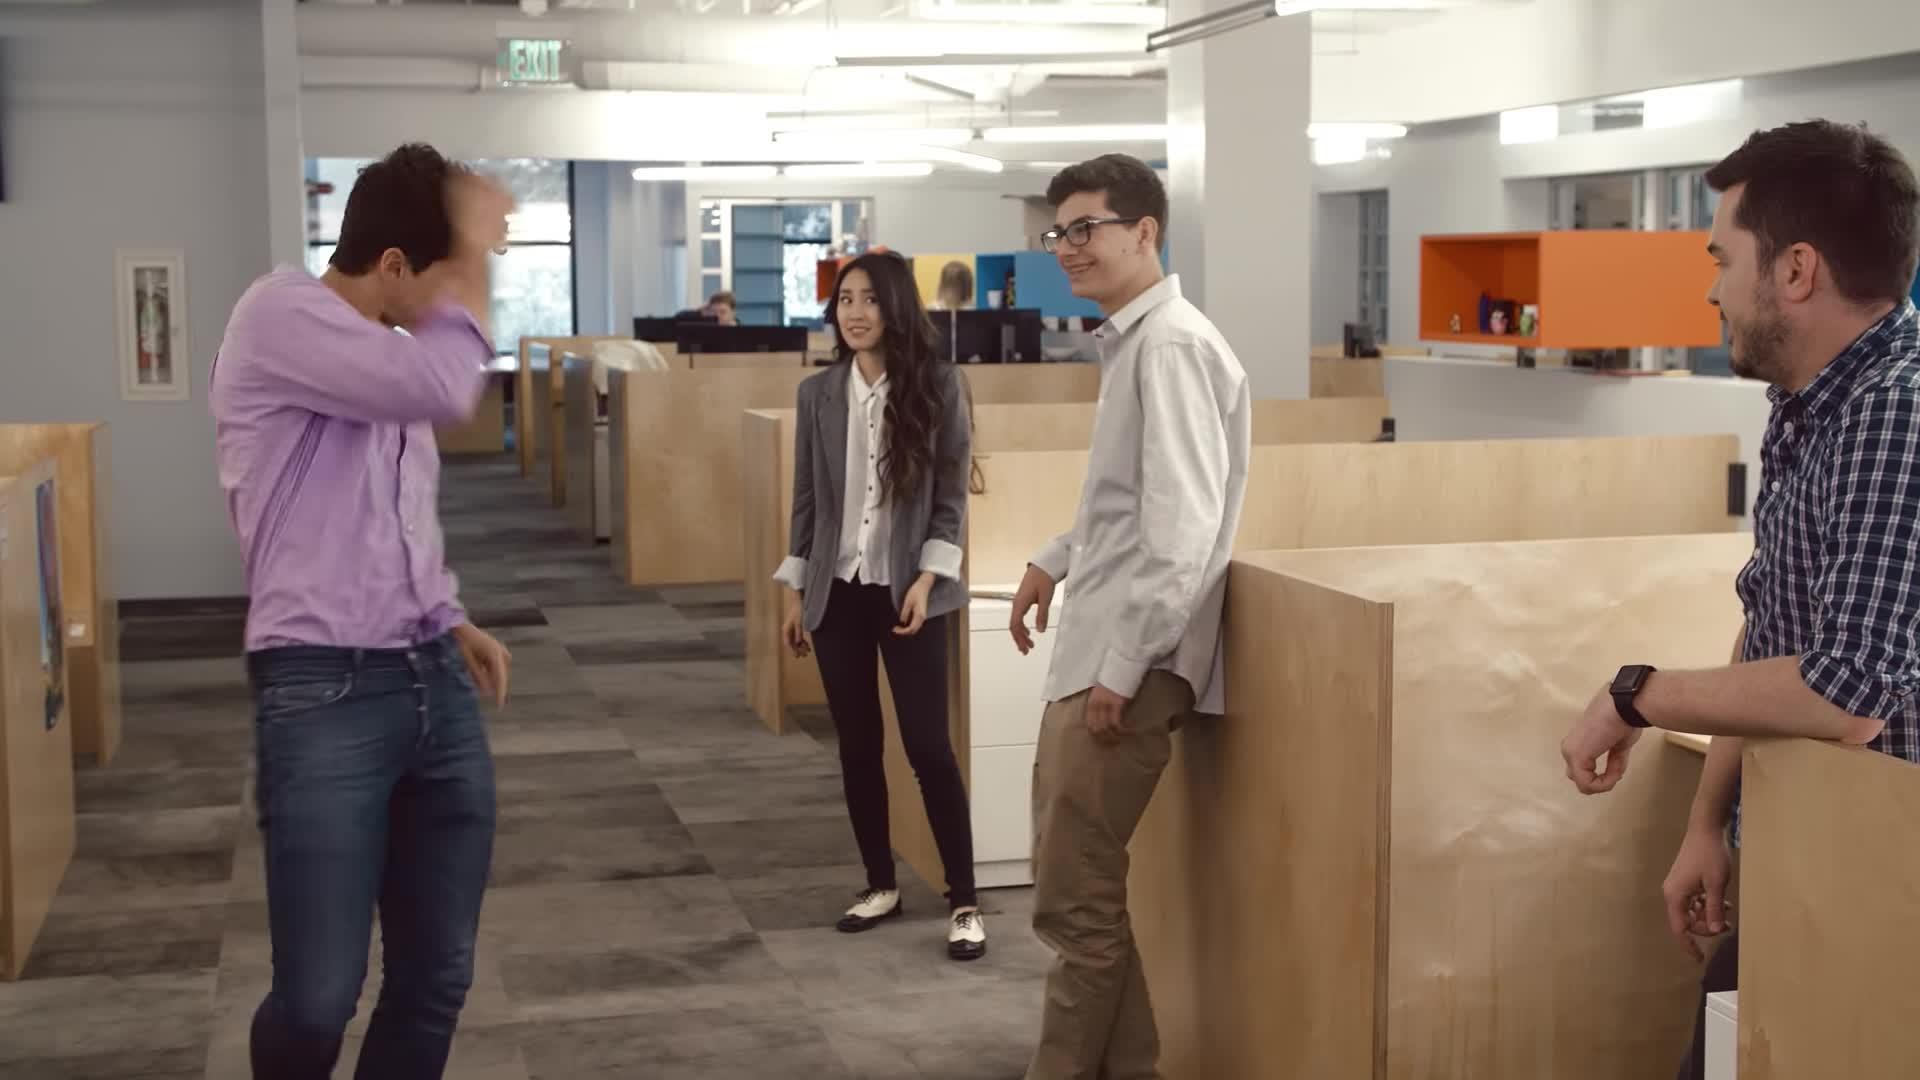 epic prank, finger bang, finger blast, finger gun, finger gun prank, fingerbang, gun prank, office joke, office prank, prank, FINGER GUNS GIFs